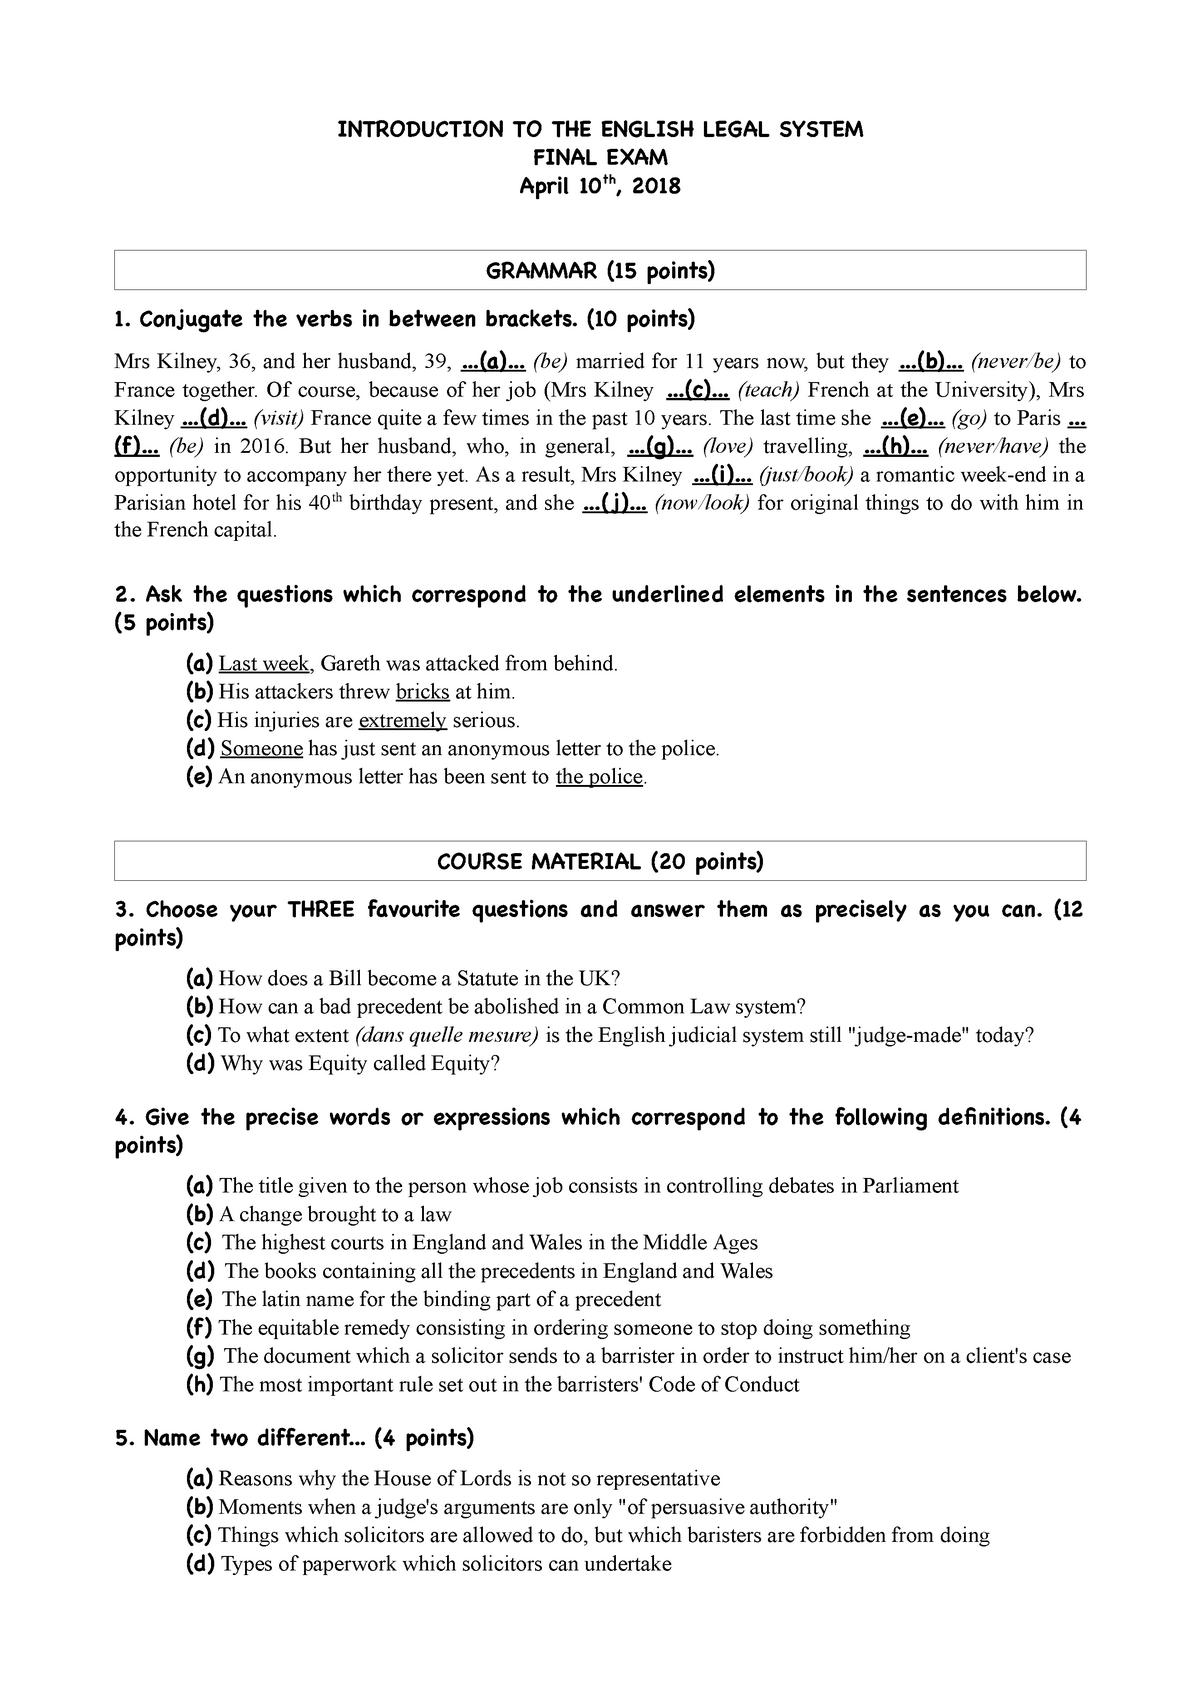 Examen 10 Avril 2018, questions - Anglais juridique - StuDocu